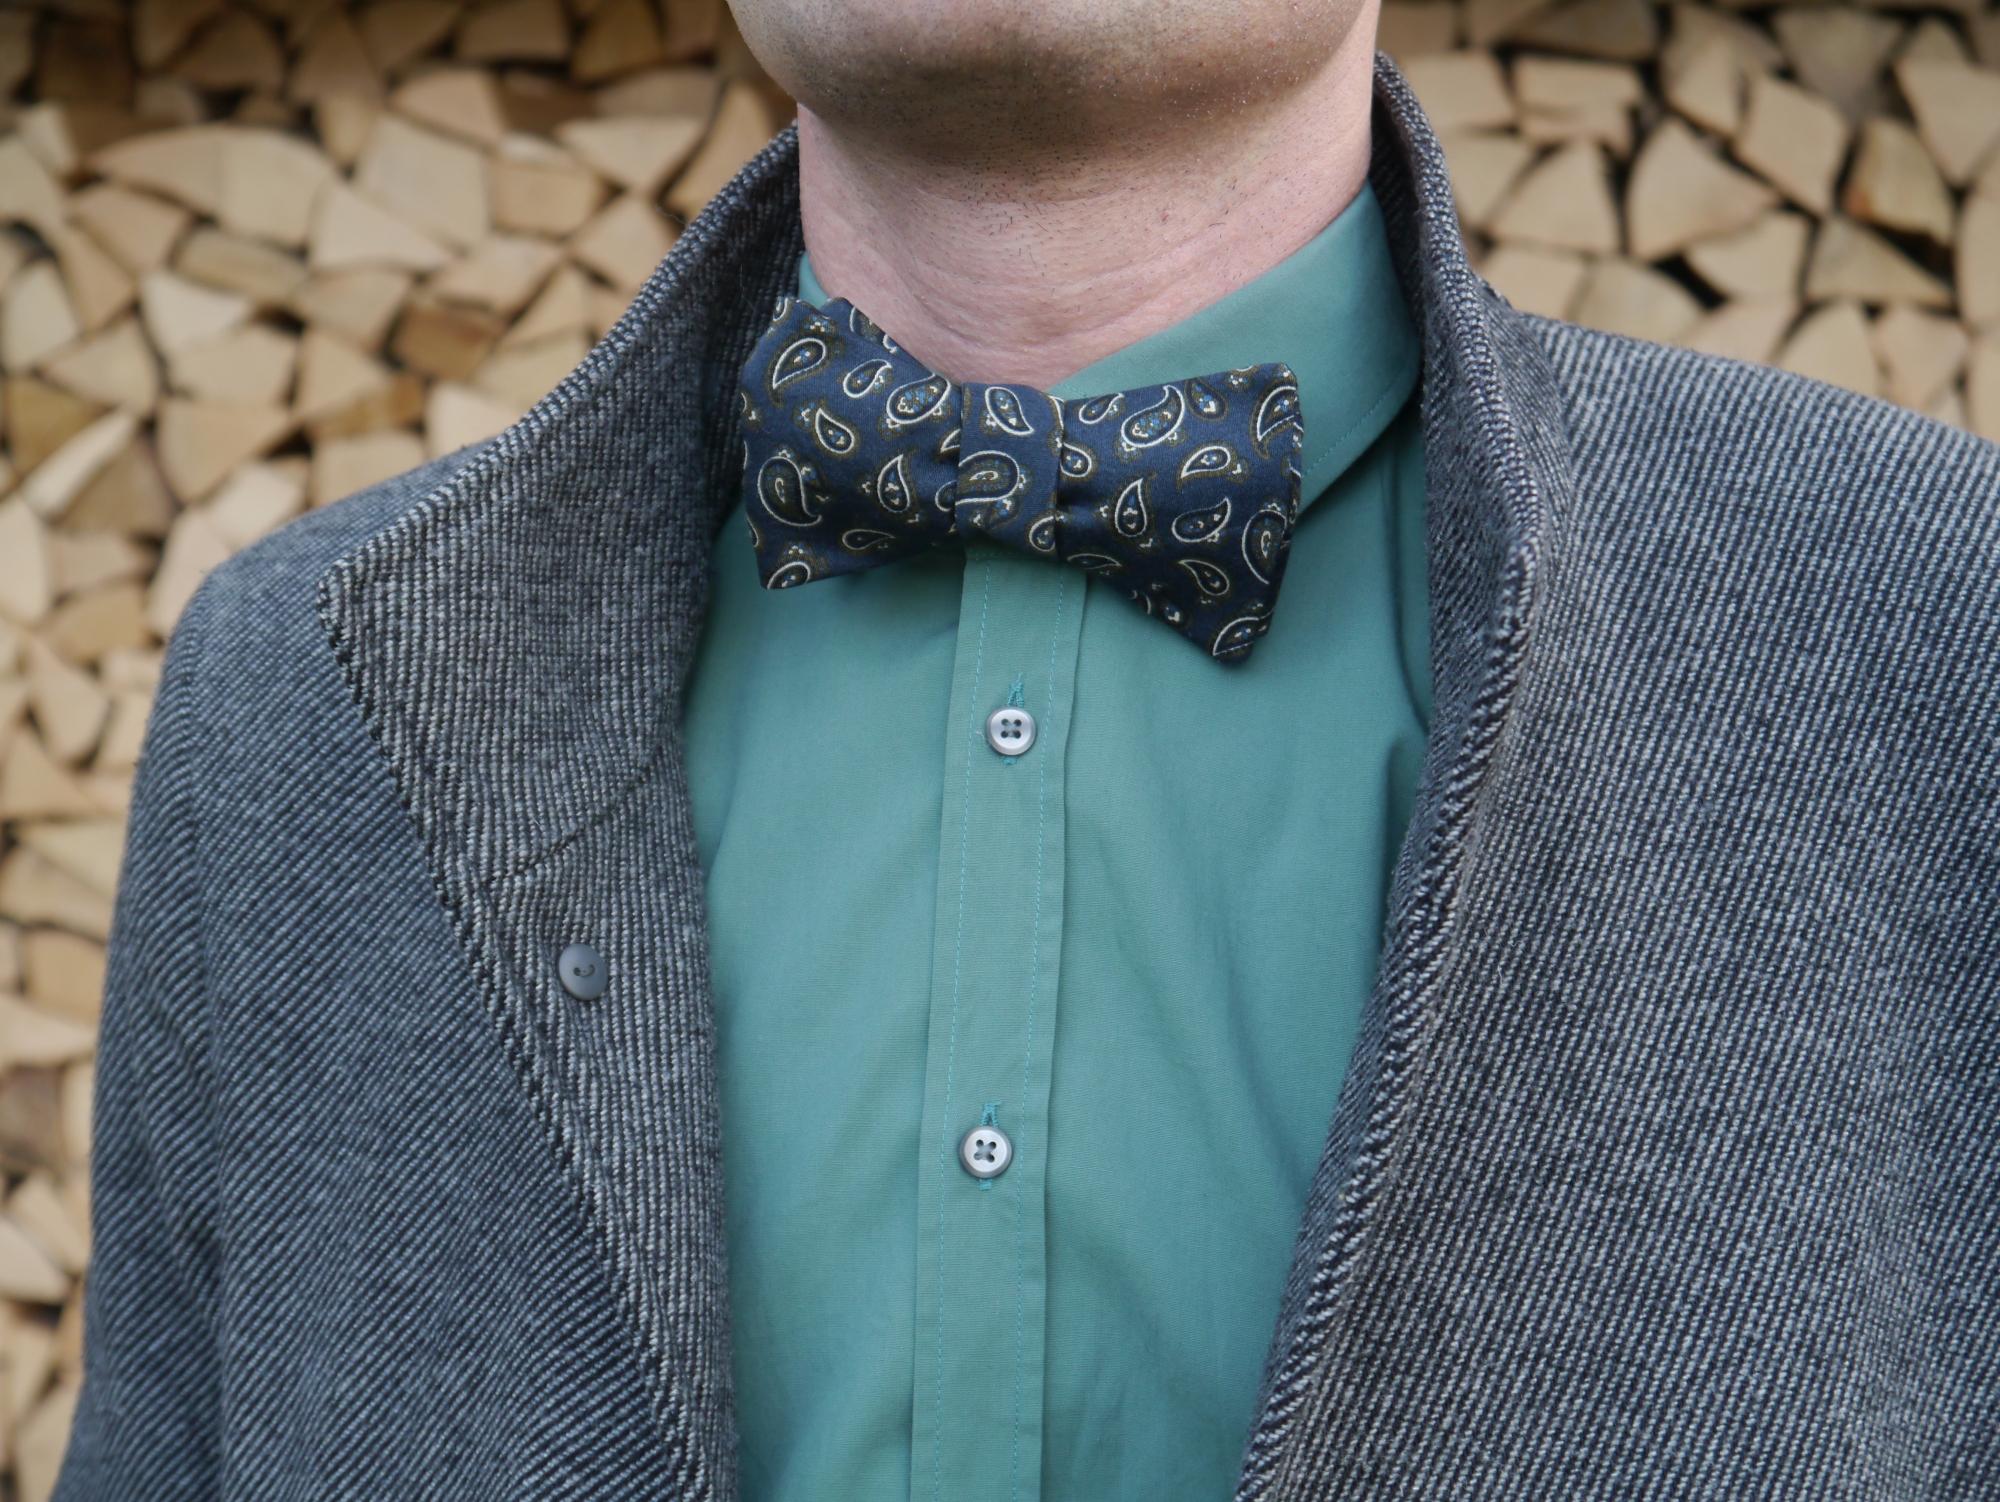 blaue fliege zum selberbinden paisleymuster auf grünes hemd und mantel